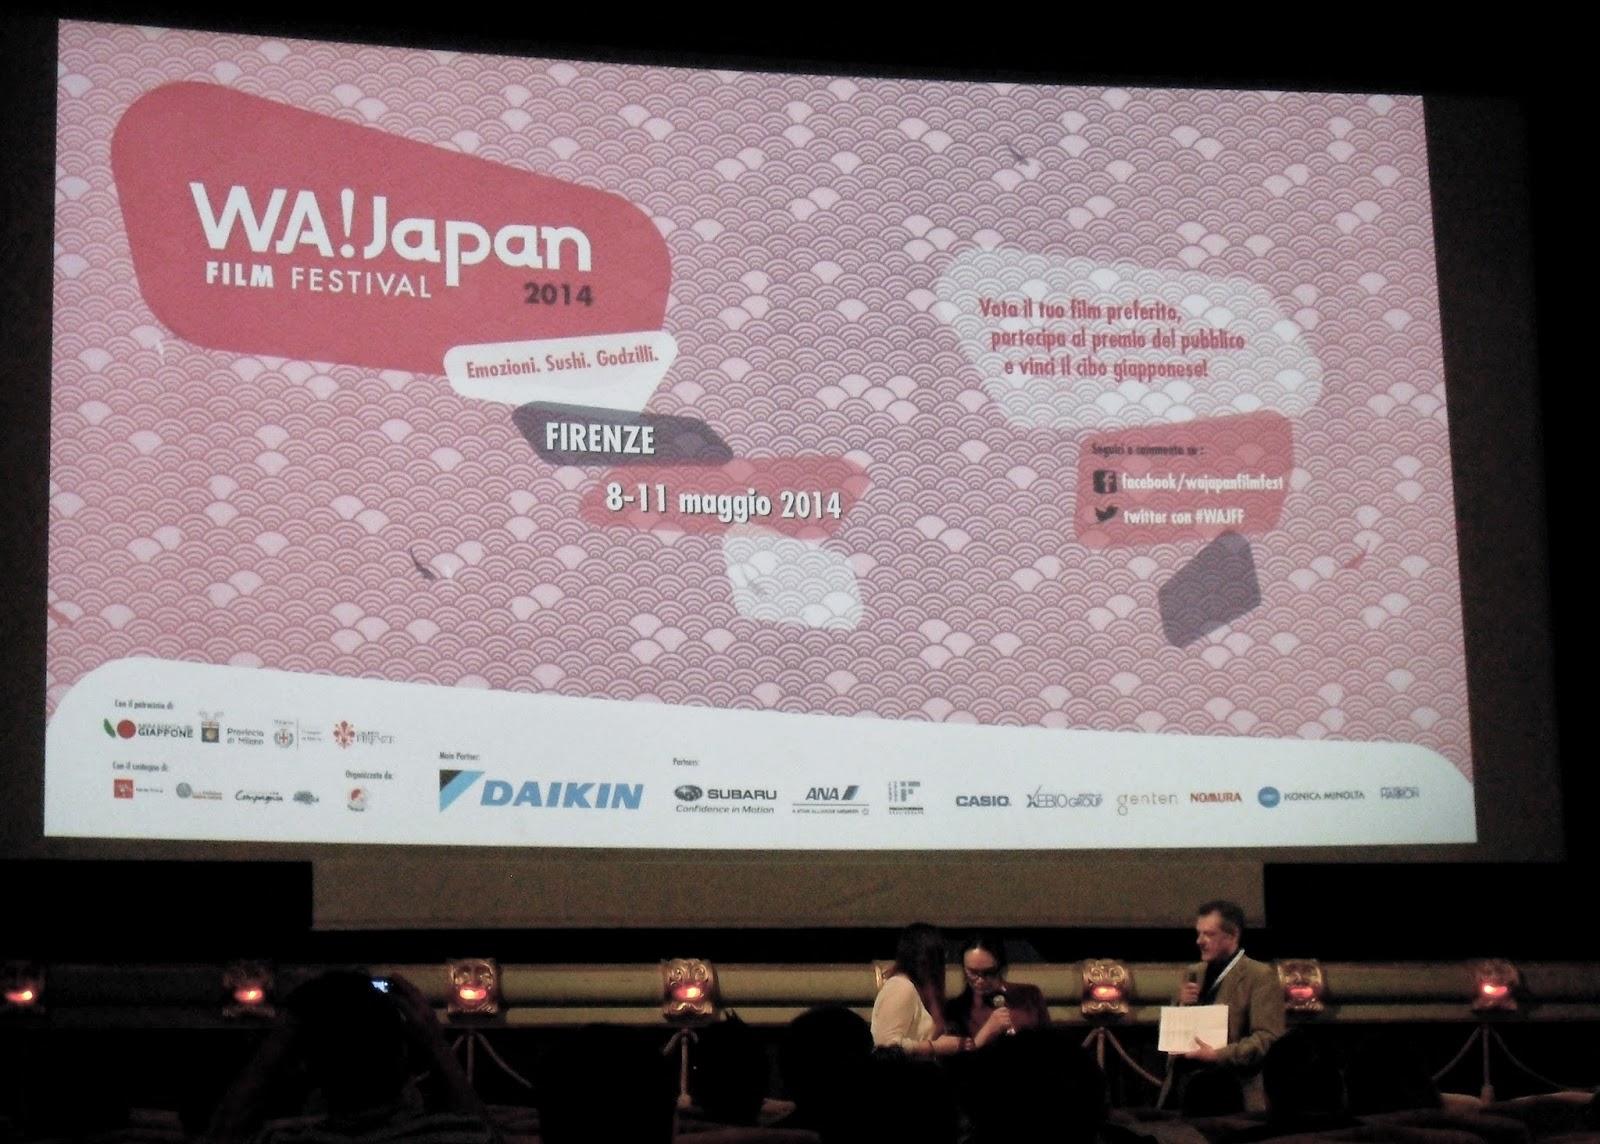 WA! JAPAN FILM FESTIVAL 2014, REPORTAGE DELLA RASSEGNA DEDICATA AL CINEMA GIAPPONESE 1